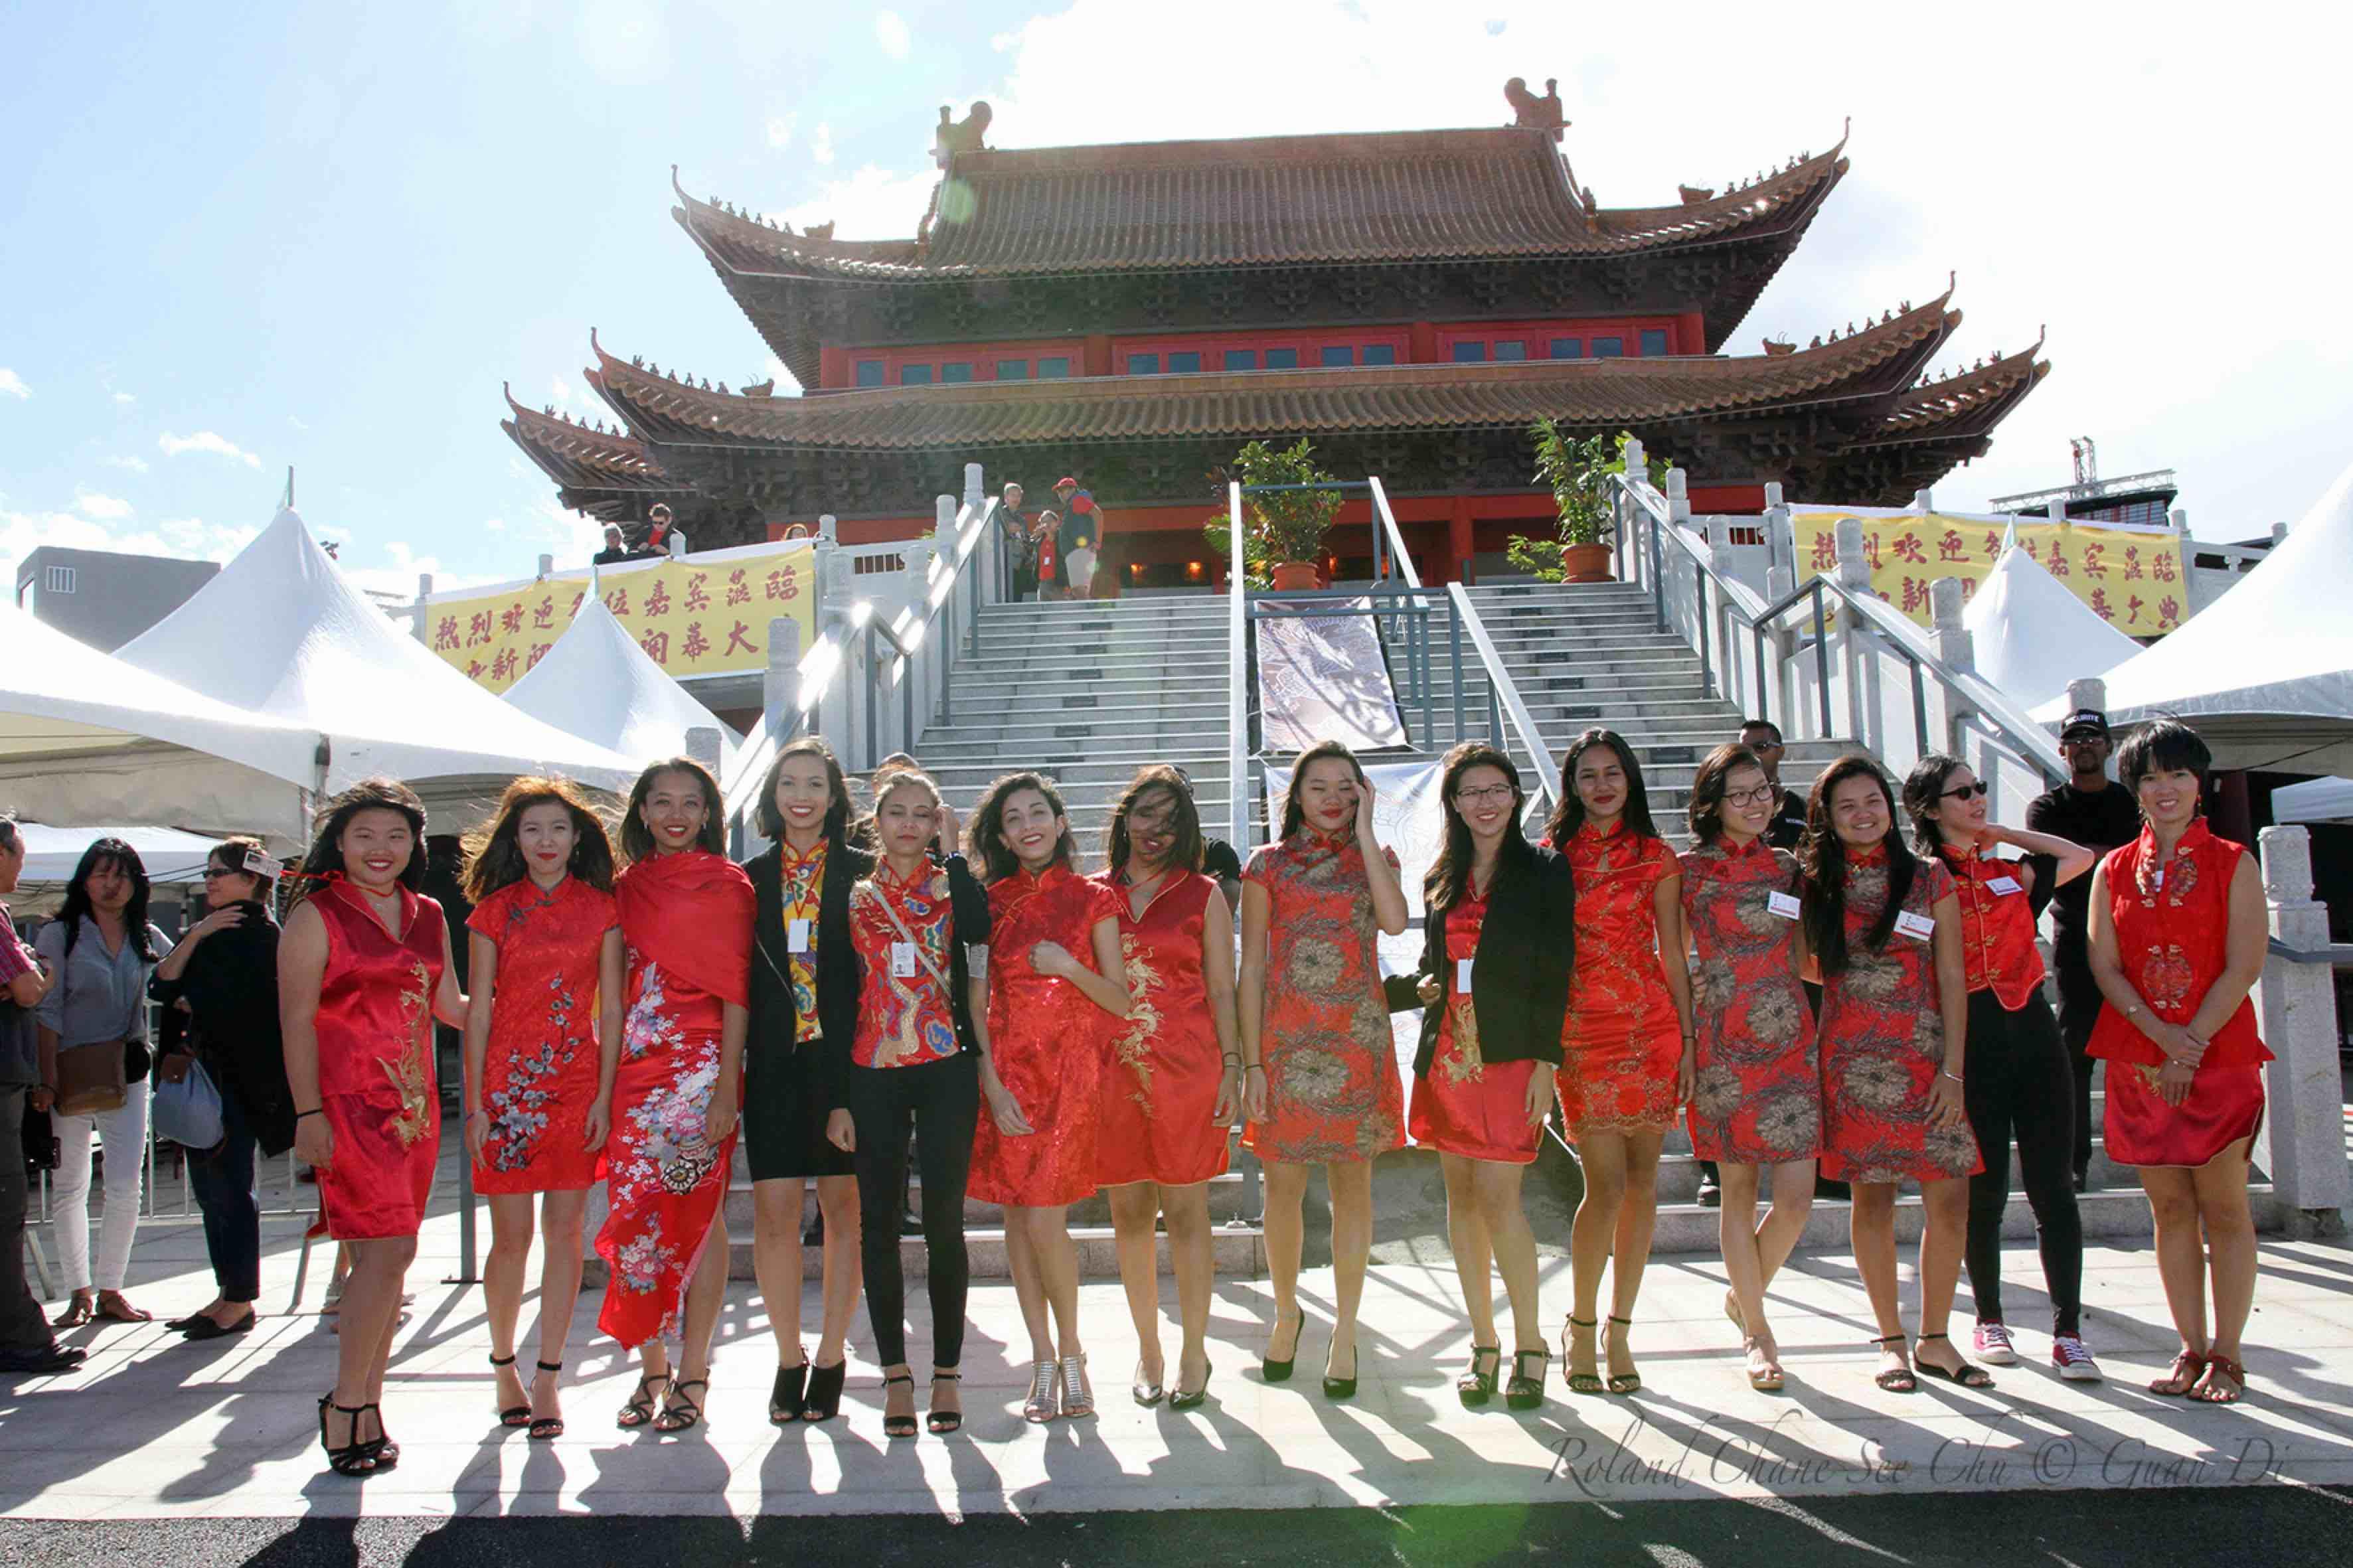 Des hôtesses ont formé une haie d'honneur avant de monter les marches du temple